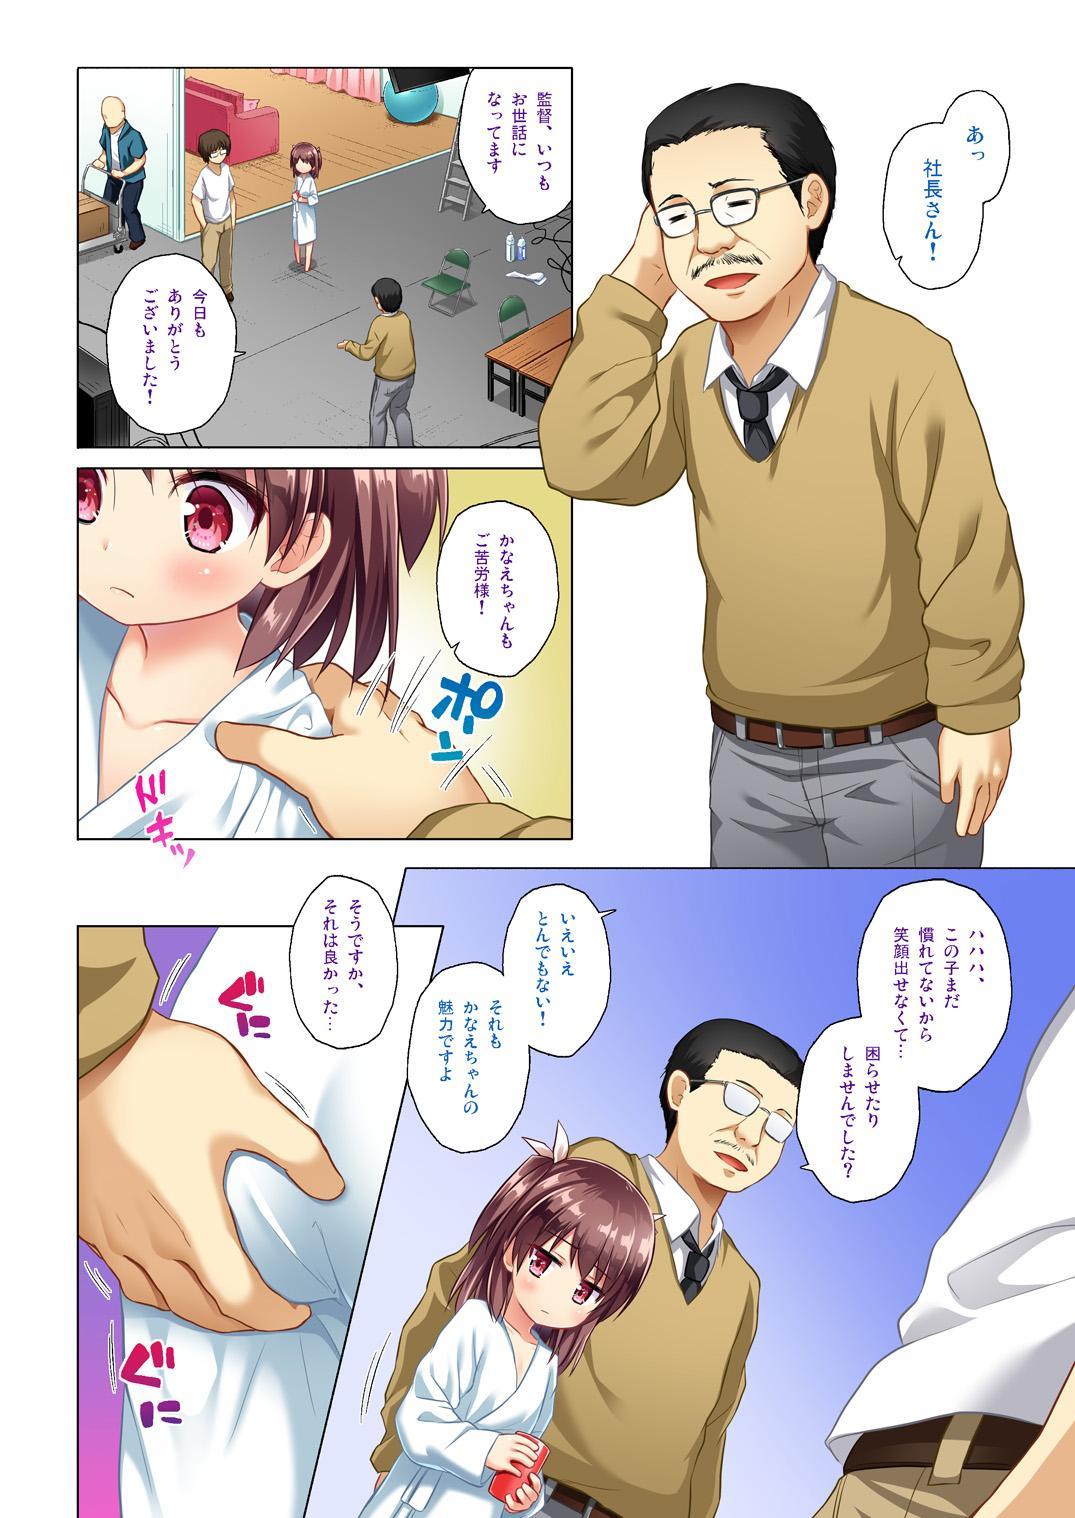 Kanae-chan Smile! 2